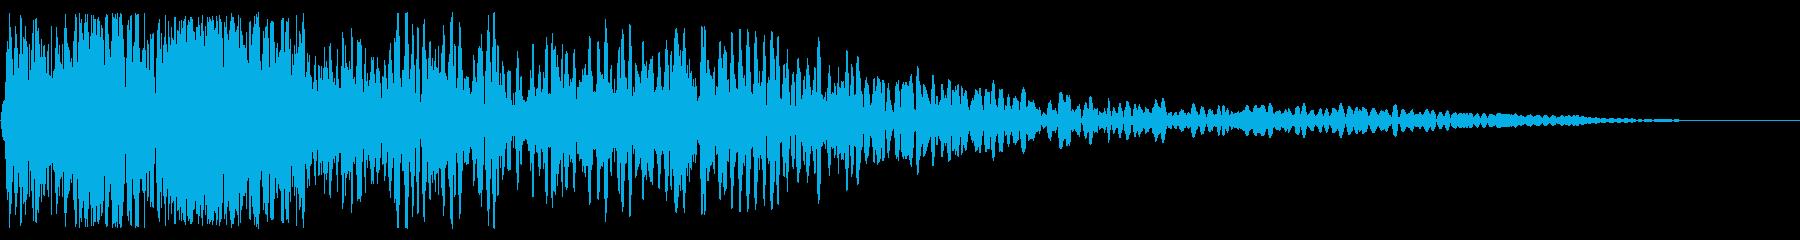 大規模なロック解除の再生済みの波形